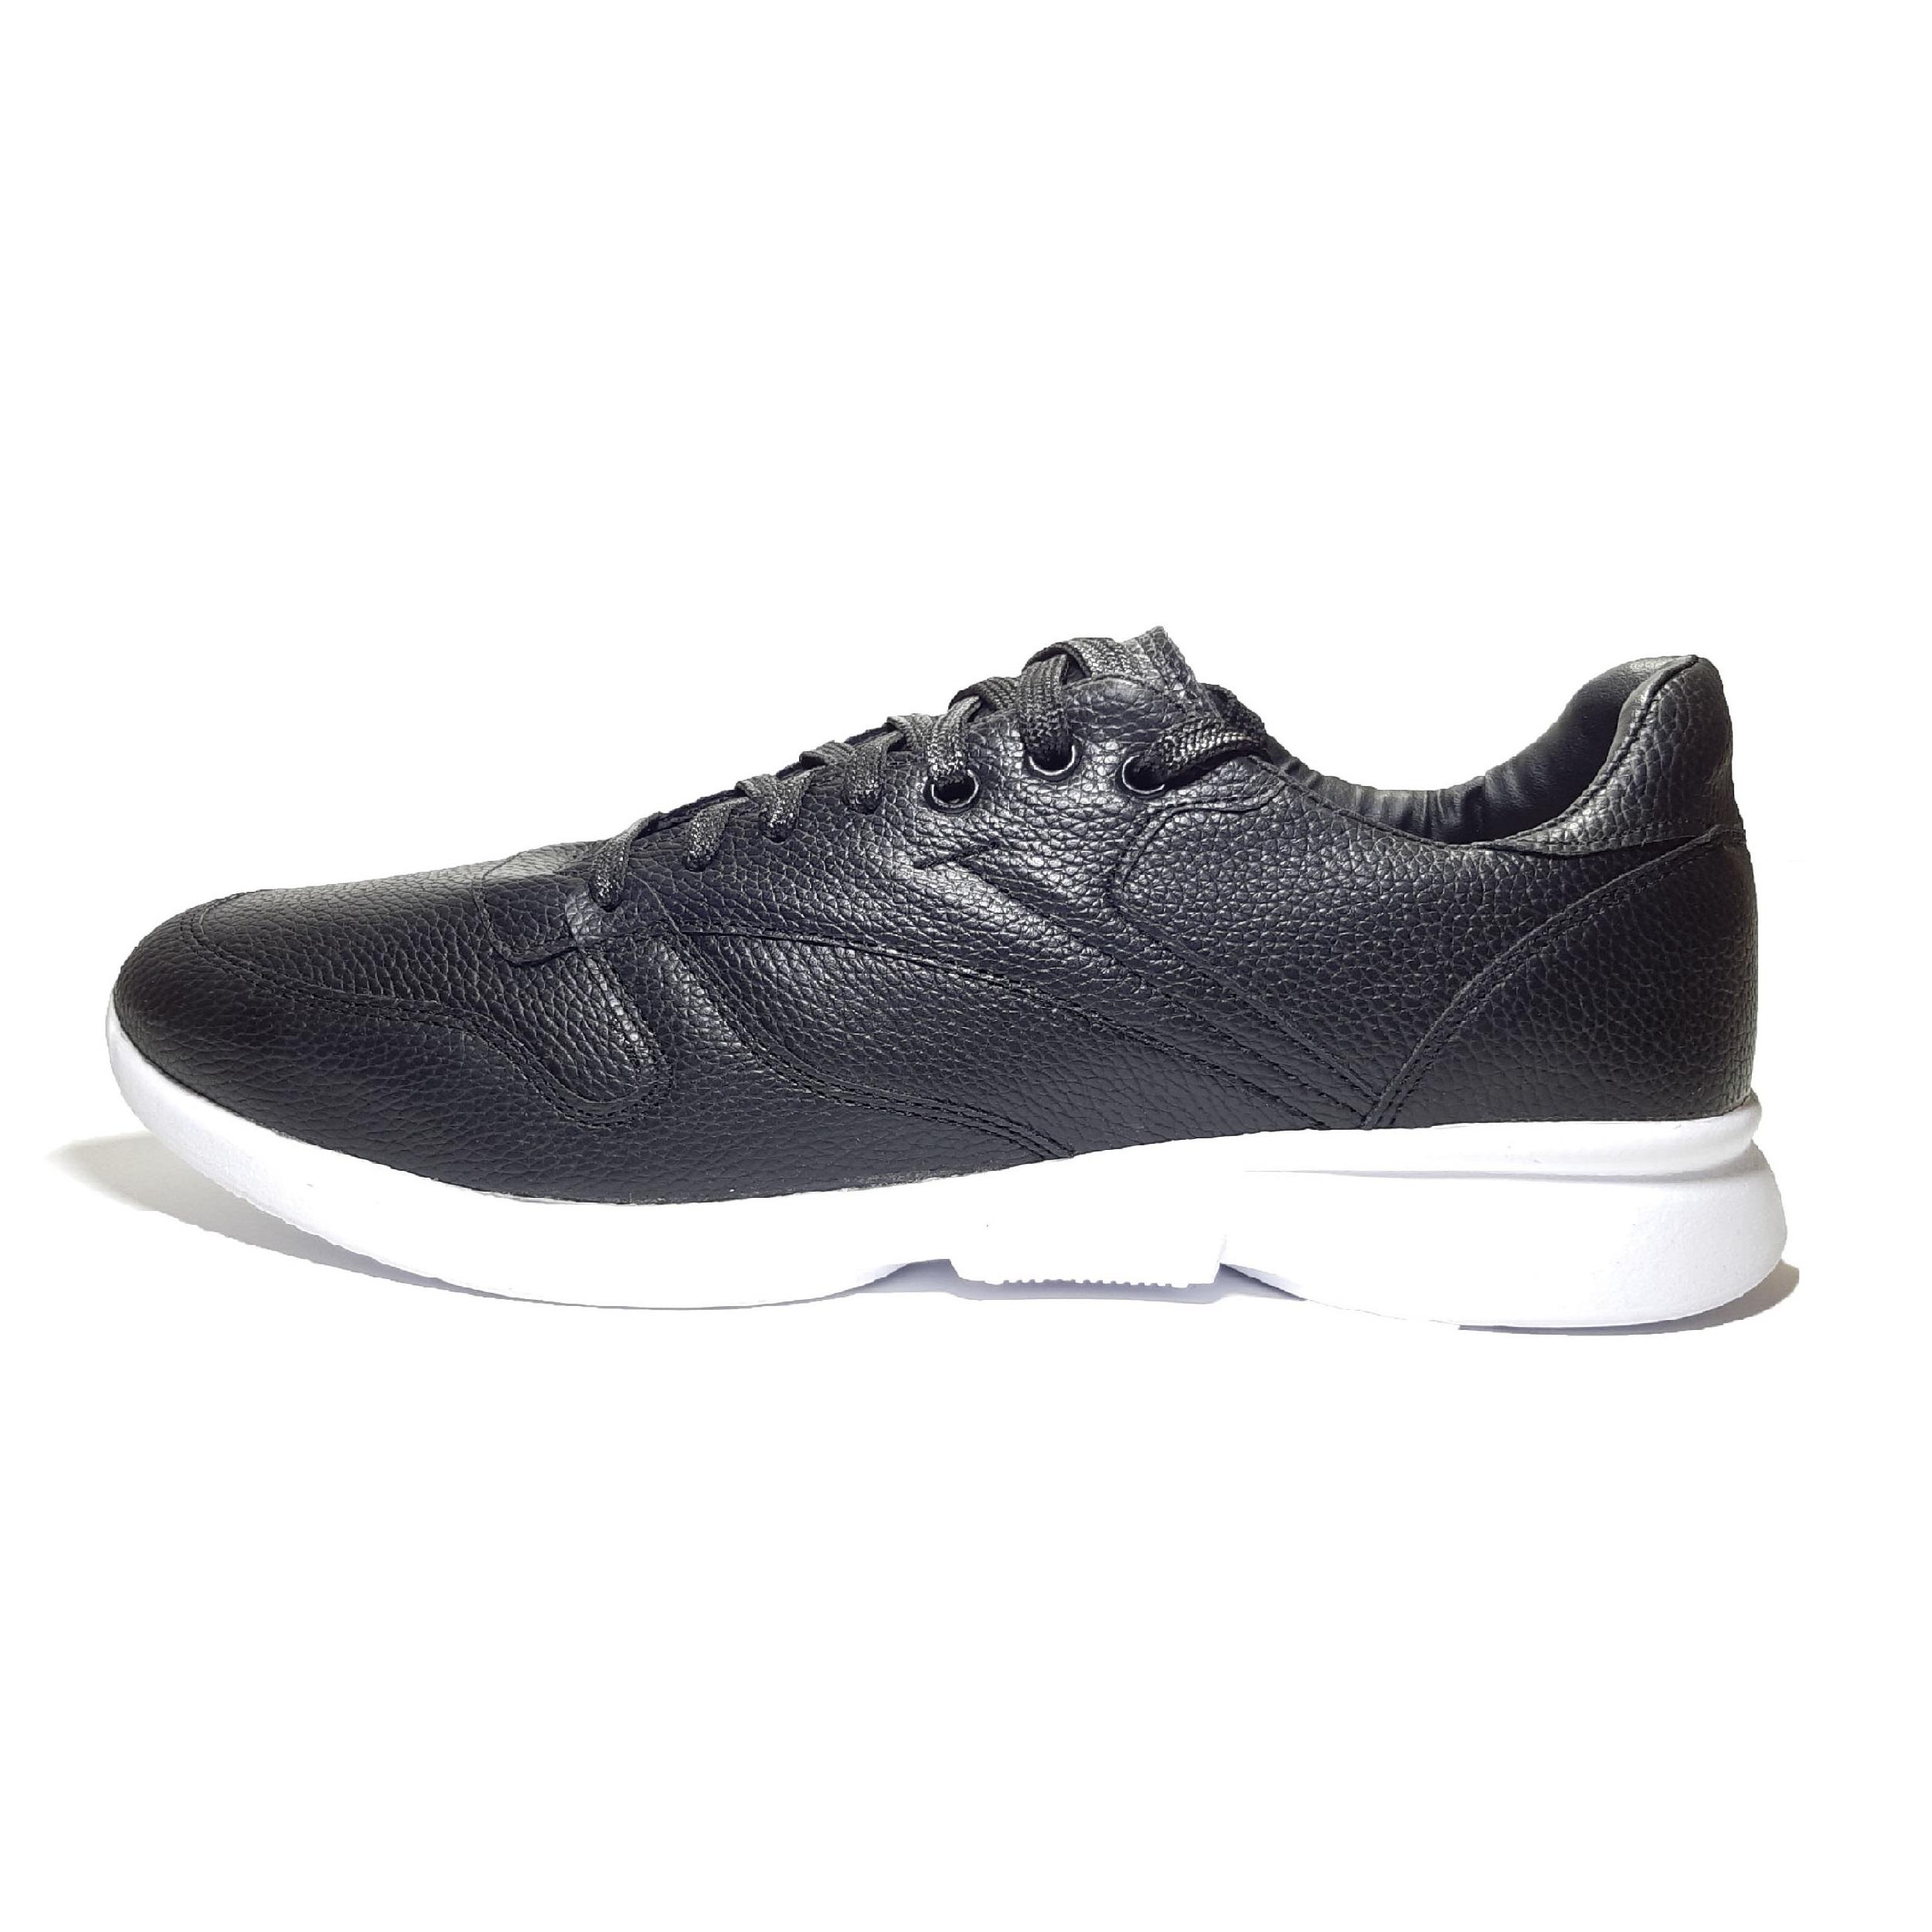 کفش مخصوص پیاده روی مردانه مدل تماشا